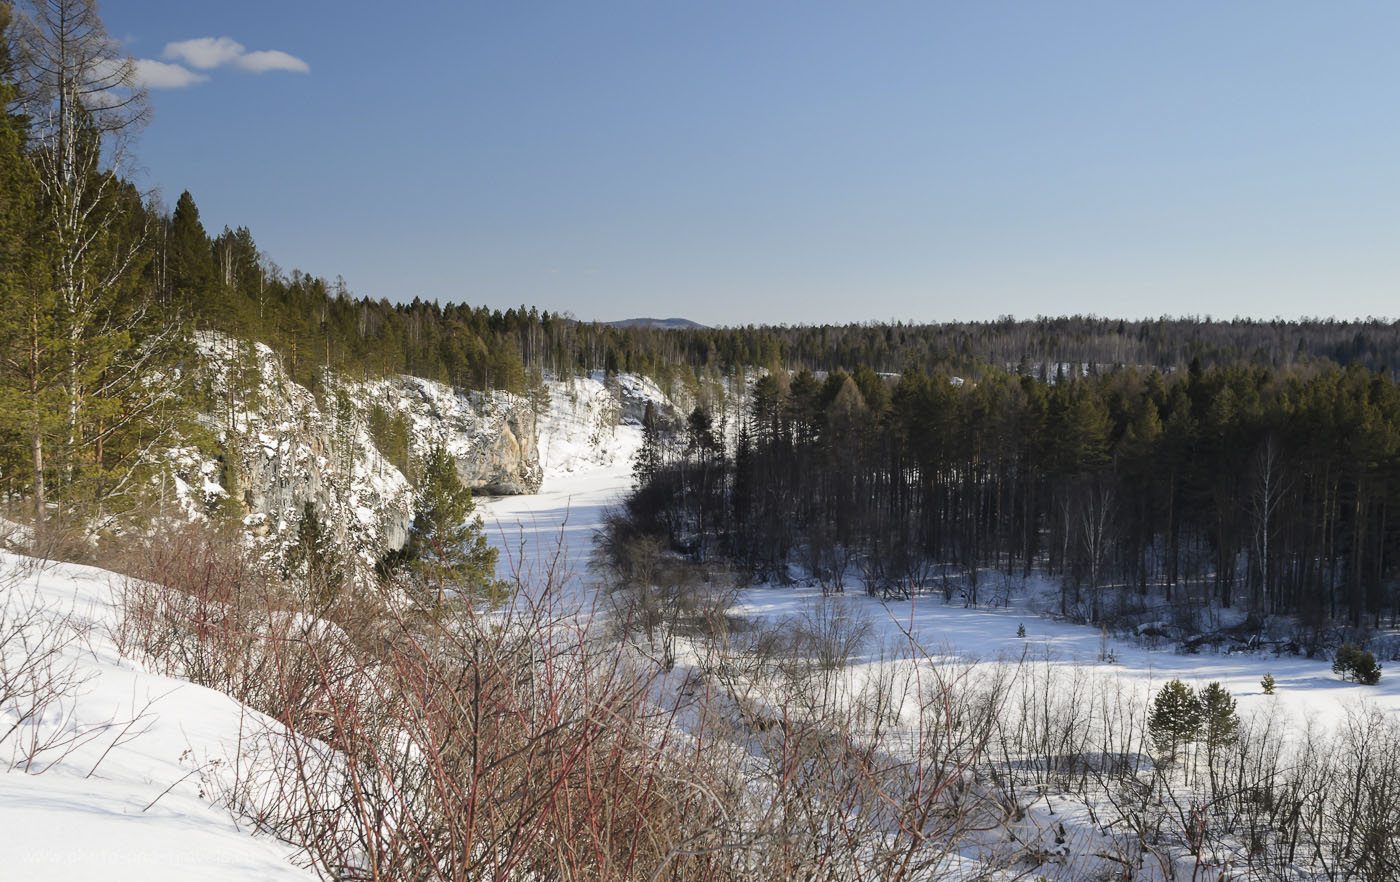 """Фотография №6. Как выглядит природный парк """"Оленьи ручьи"""" зимой. Здесь всегда красиво! Отзывы о походе выходного дня из Екатеринбурга. Легче всего сюда добраться на машине."""